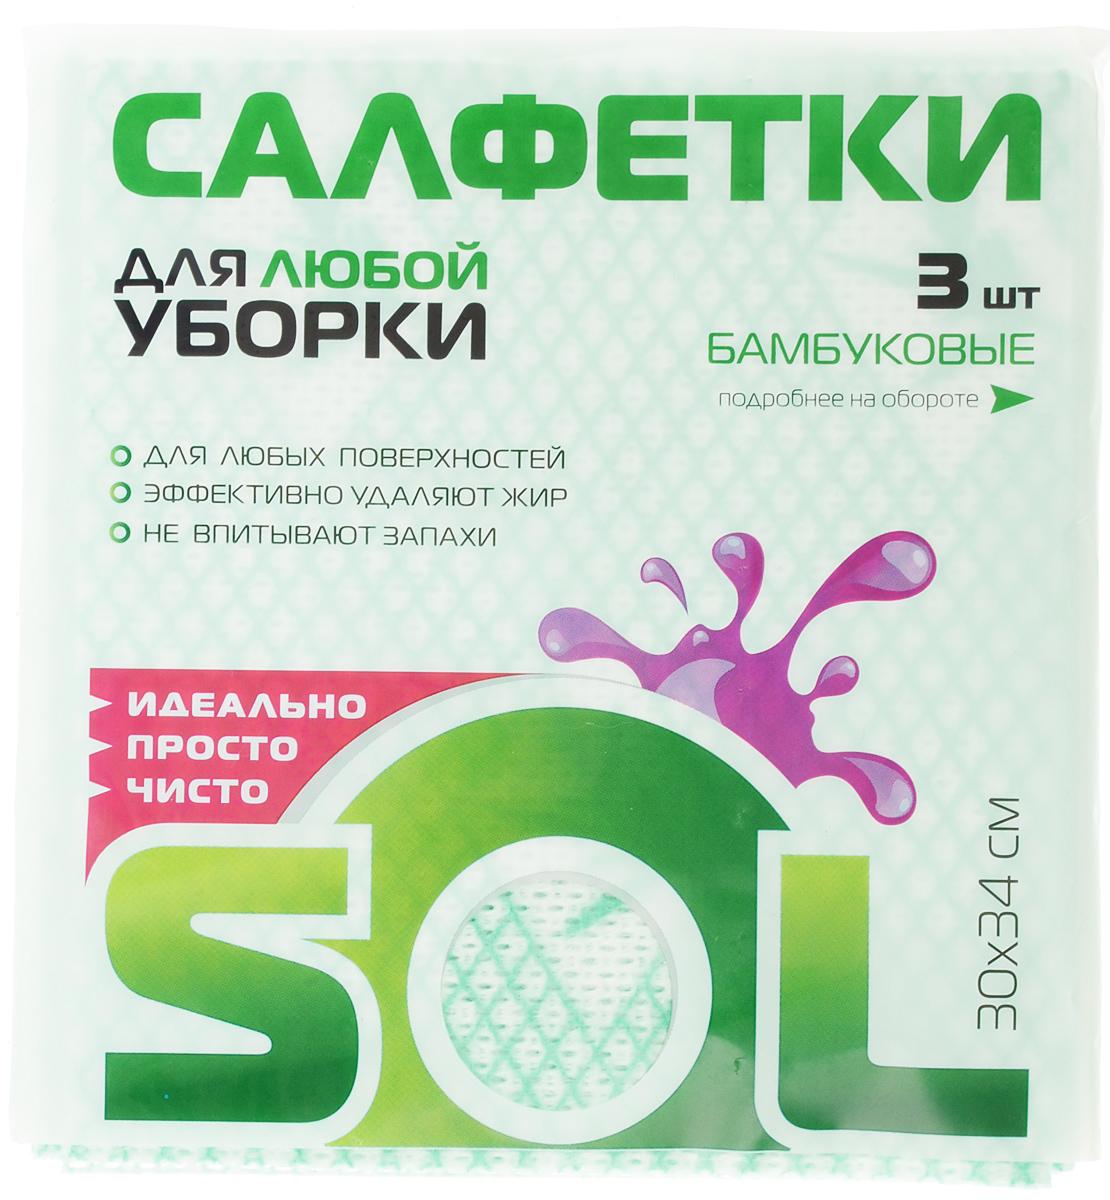 Салфетка для уборки Sol из бамбукового волокна, 30 x 34 см, 3 шт10001/70007Салфетки Sol, выполненные из бамбукового волокна, вискозы и полиэстера, предназначены для уборки. Бамбуковое волокно - экологичный и безопасный для здоровья человека материал, не содержащий в своем составе никаких химический добавок, синтетических материалов и примесей. Благодаря трубчатой структуре волокон, жир и грязь не впитываются в ткань, легко вымываются обычной водой. Рекомендации по уходу: Бамбуковые салфетки не требуют особого ухода. После каждого использования их рекомендуется промыть под струей воды и просушить. Периодически рекомендуется простирывать салфетки мылом. Не следует стирать их с порошками, а также специальными очистителями или бытовыми моющими средствами. Кроме того не рекомендуется сушить салфетки на батарее.